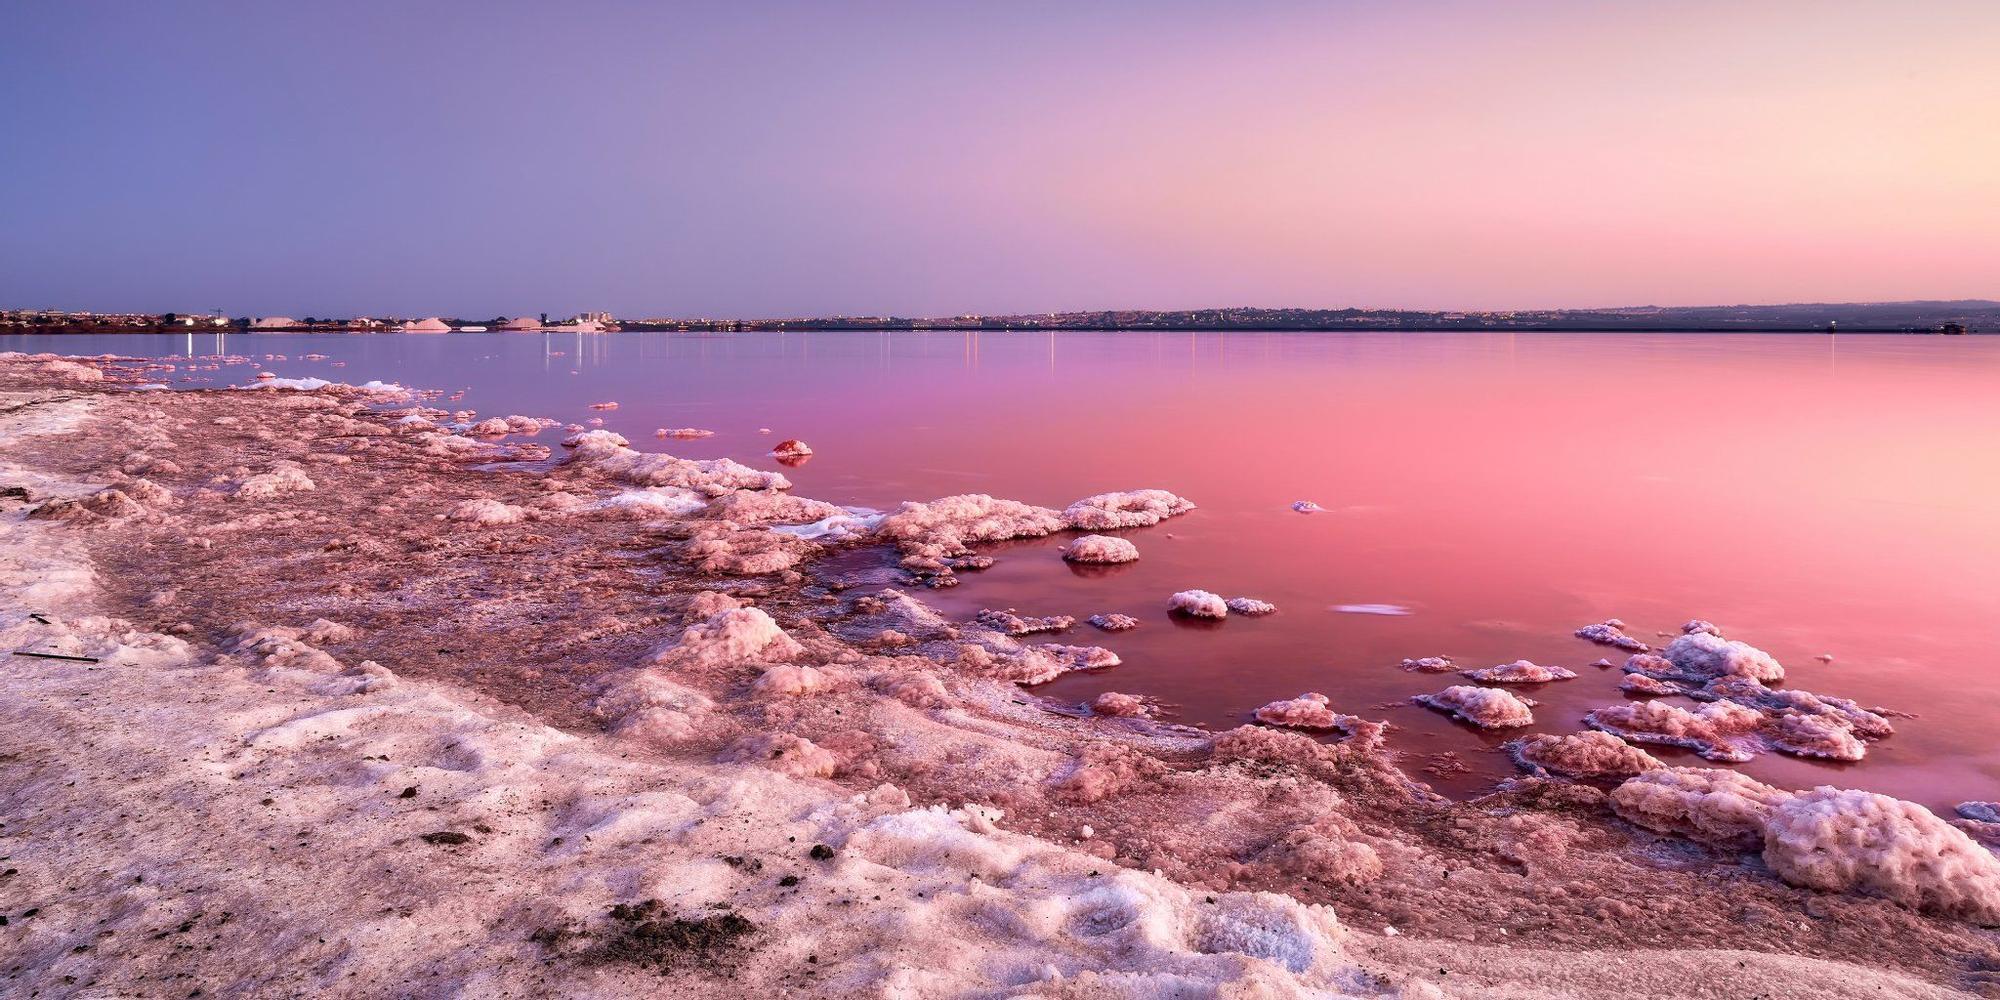 rosa-torrevieja-turismo.jpg